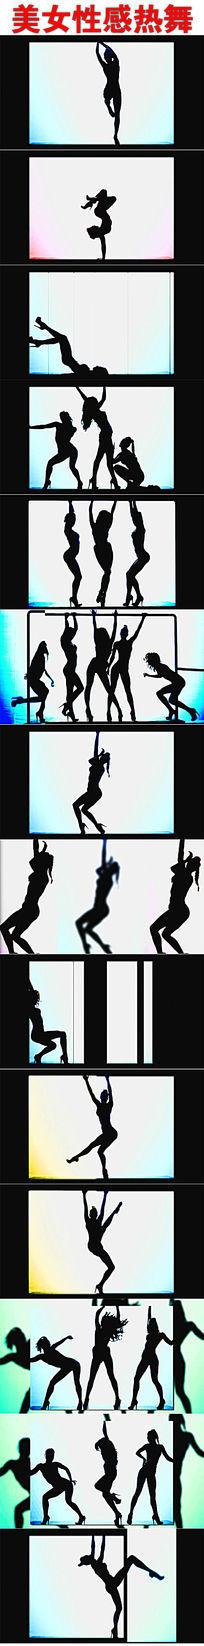 性感美女热舞视频素材